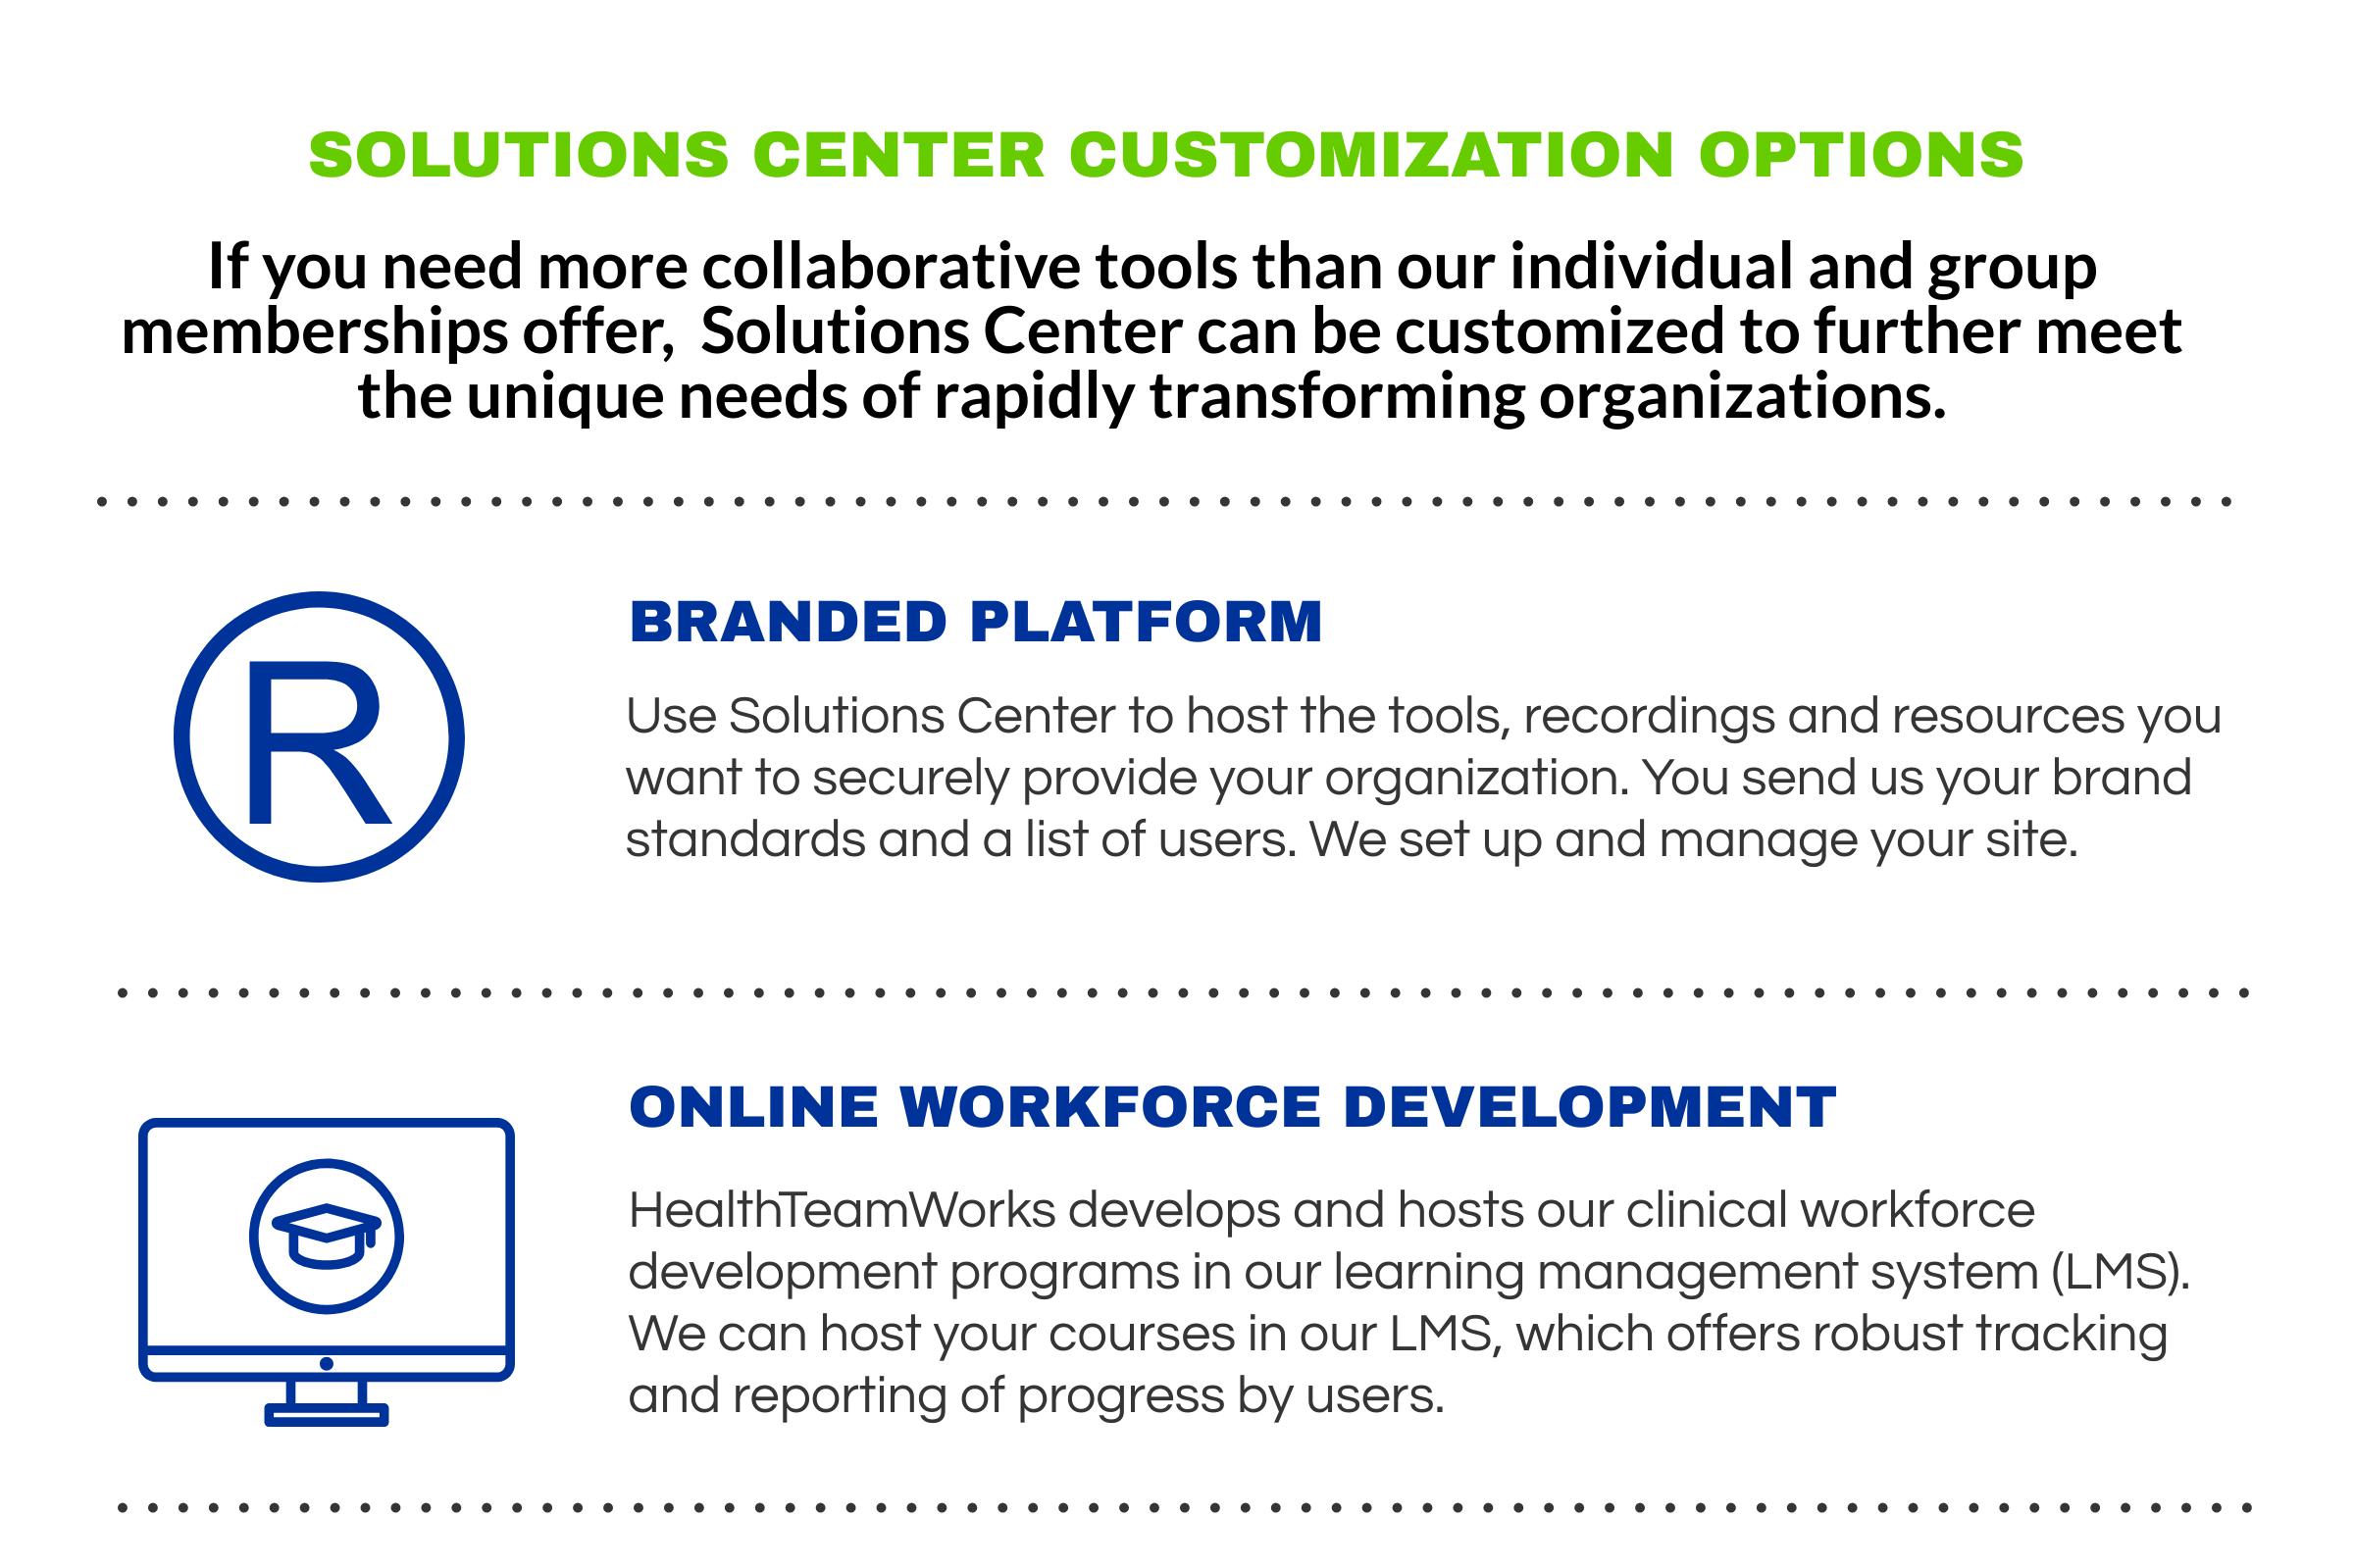 SC Branded Platform Options